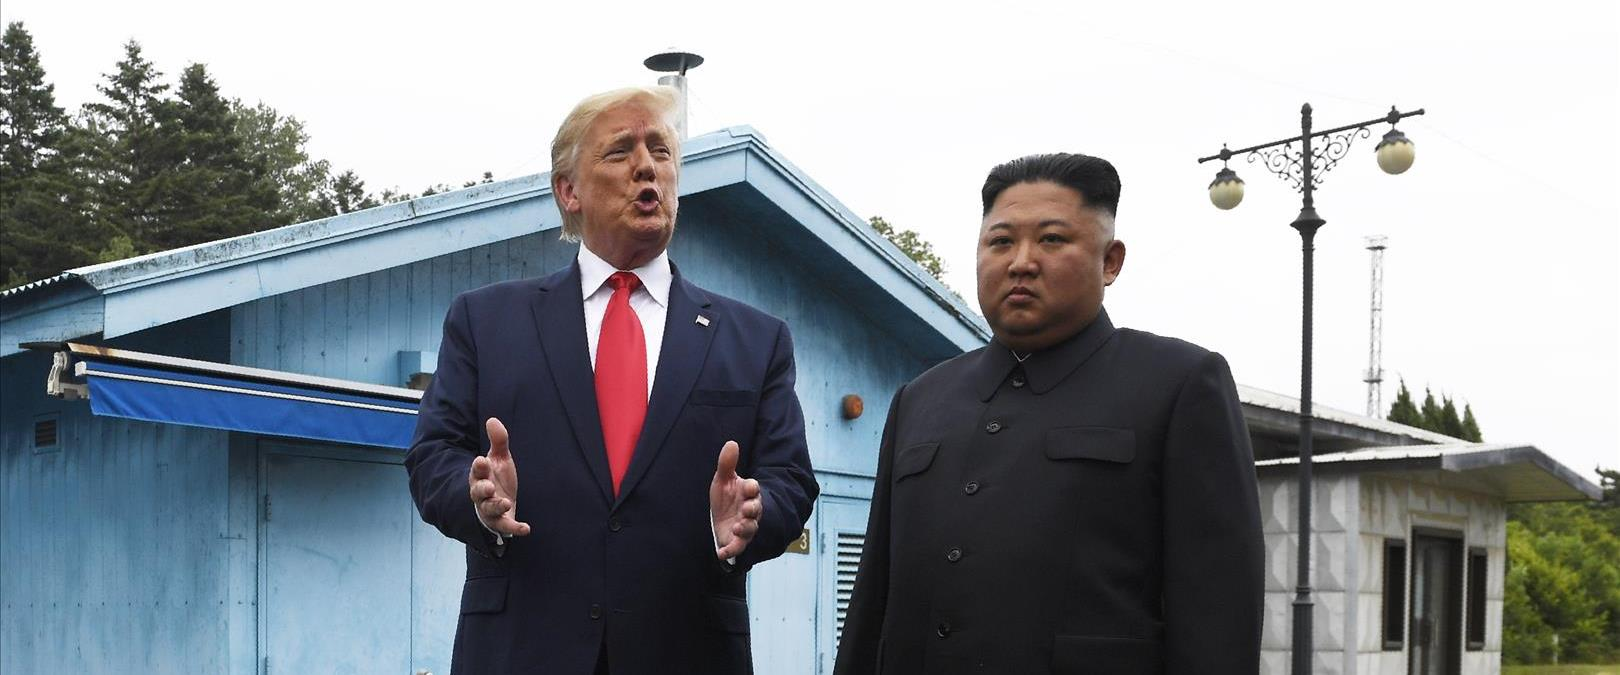 דונלד טראמפ וקים ג'ונג' און